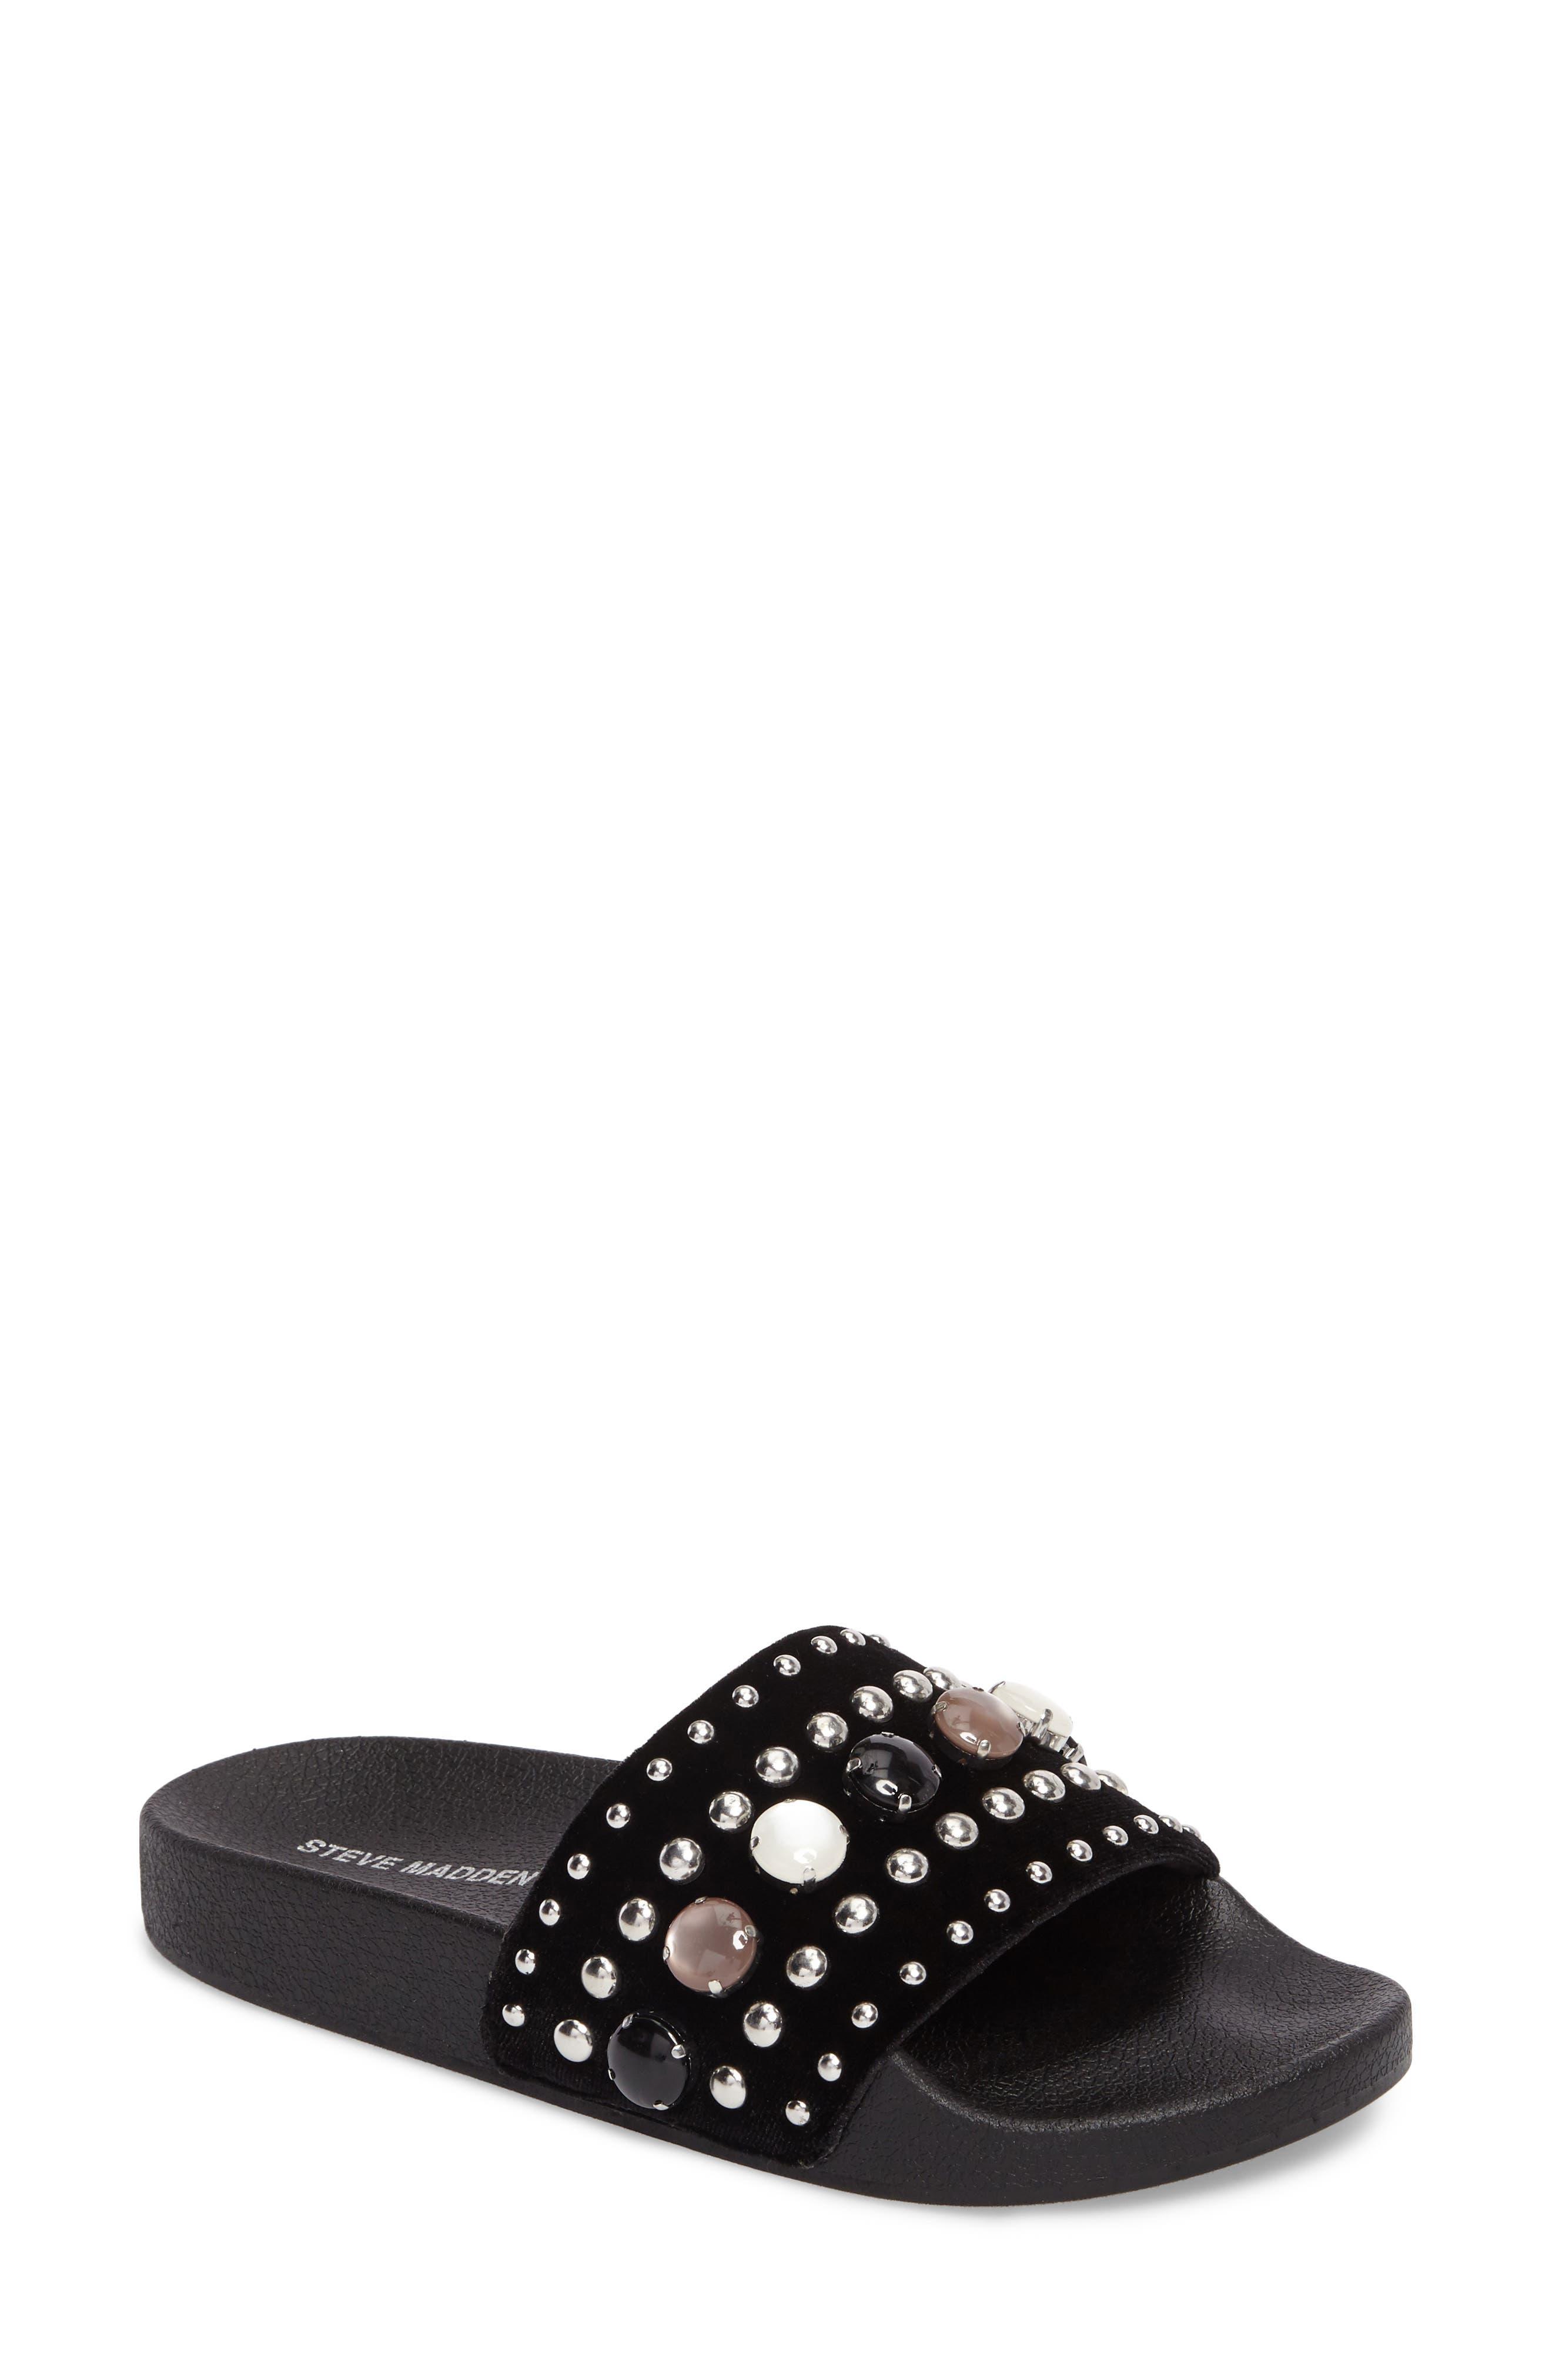 Alternate Image 1 Selected - Steve Madden Studded Slide Sandal